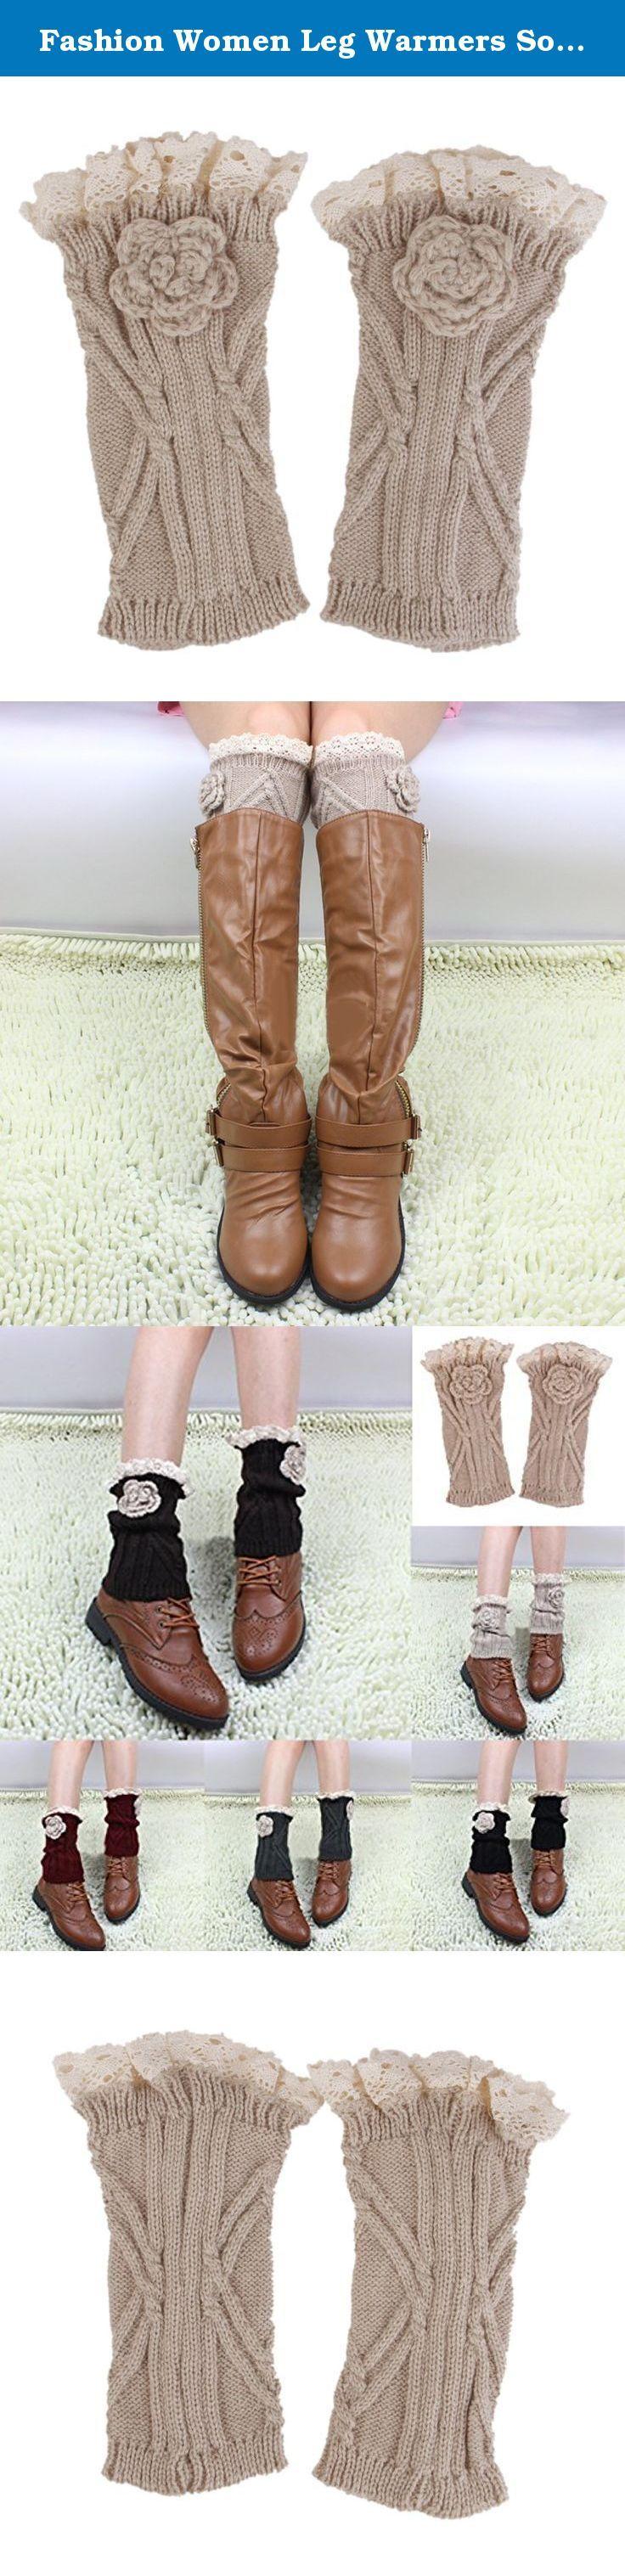 25 Ide Teratas Tentang Woolen Tights Di Pinterest Pakaian Anak